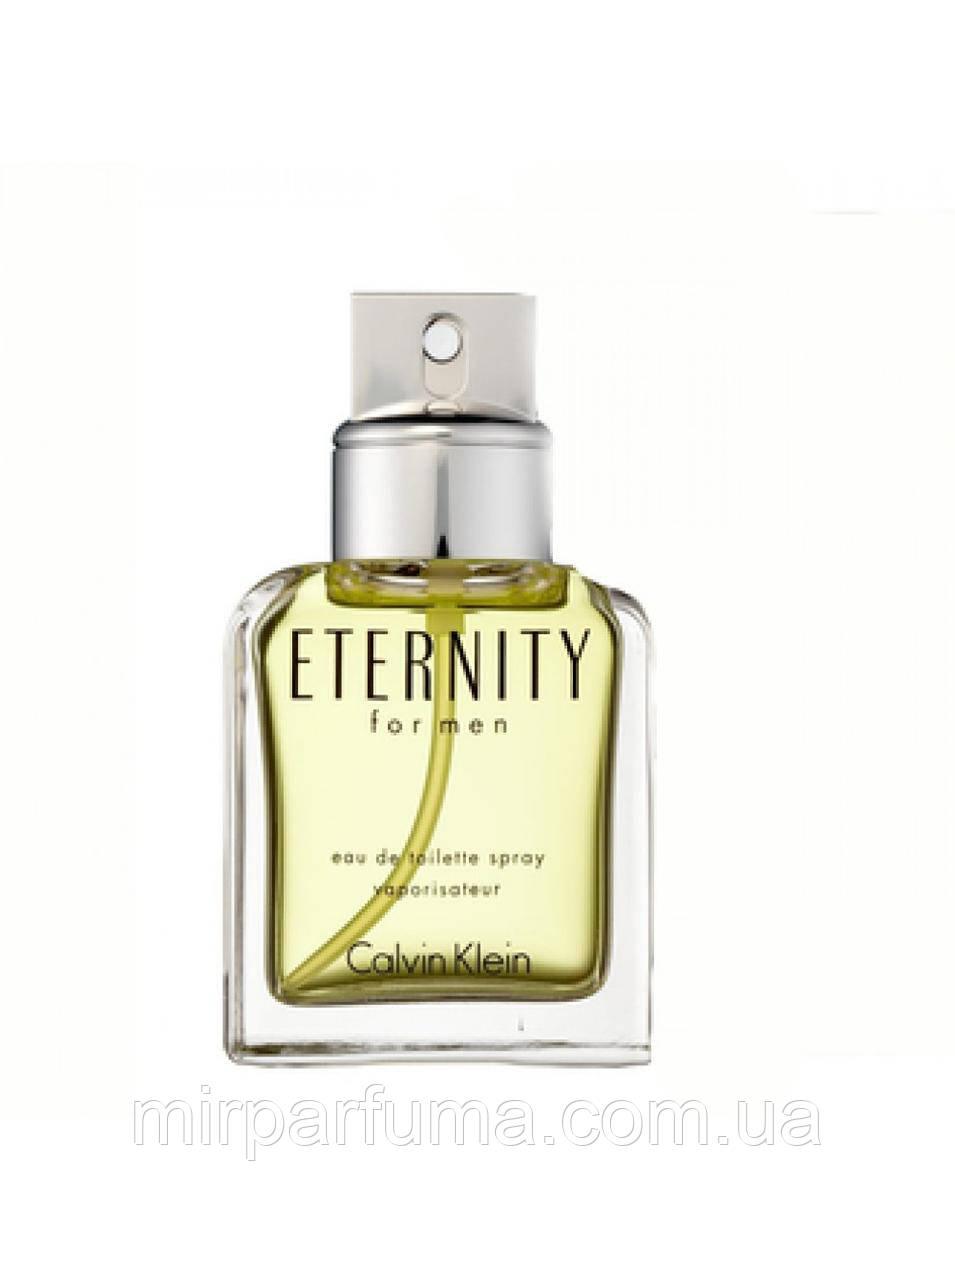 Мужская туалетная вода Calvin Klein Eternity for Men тестер 100 мл